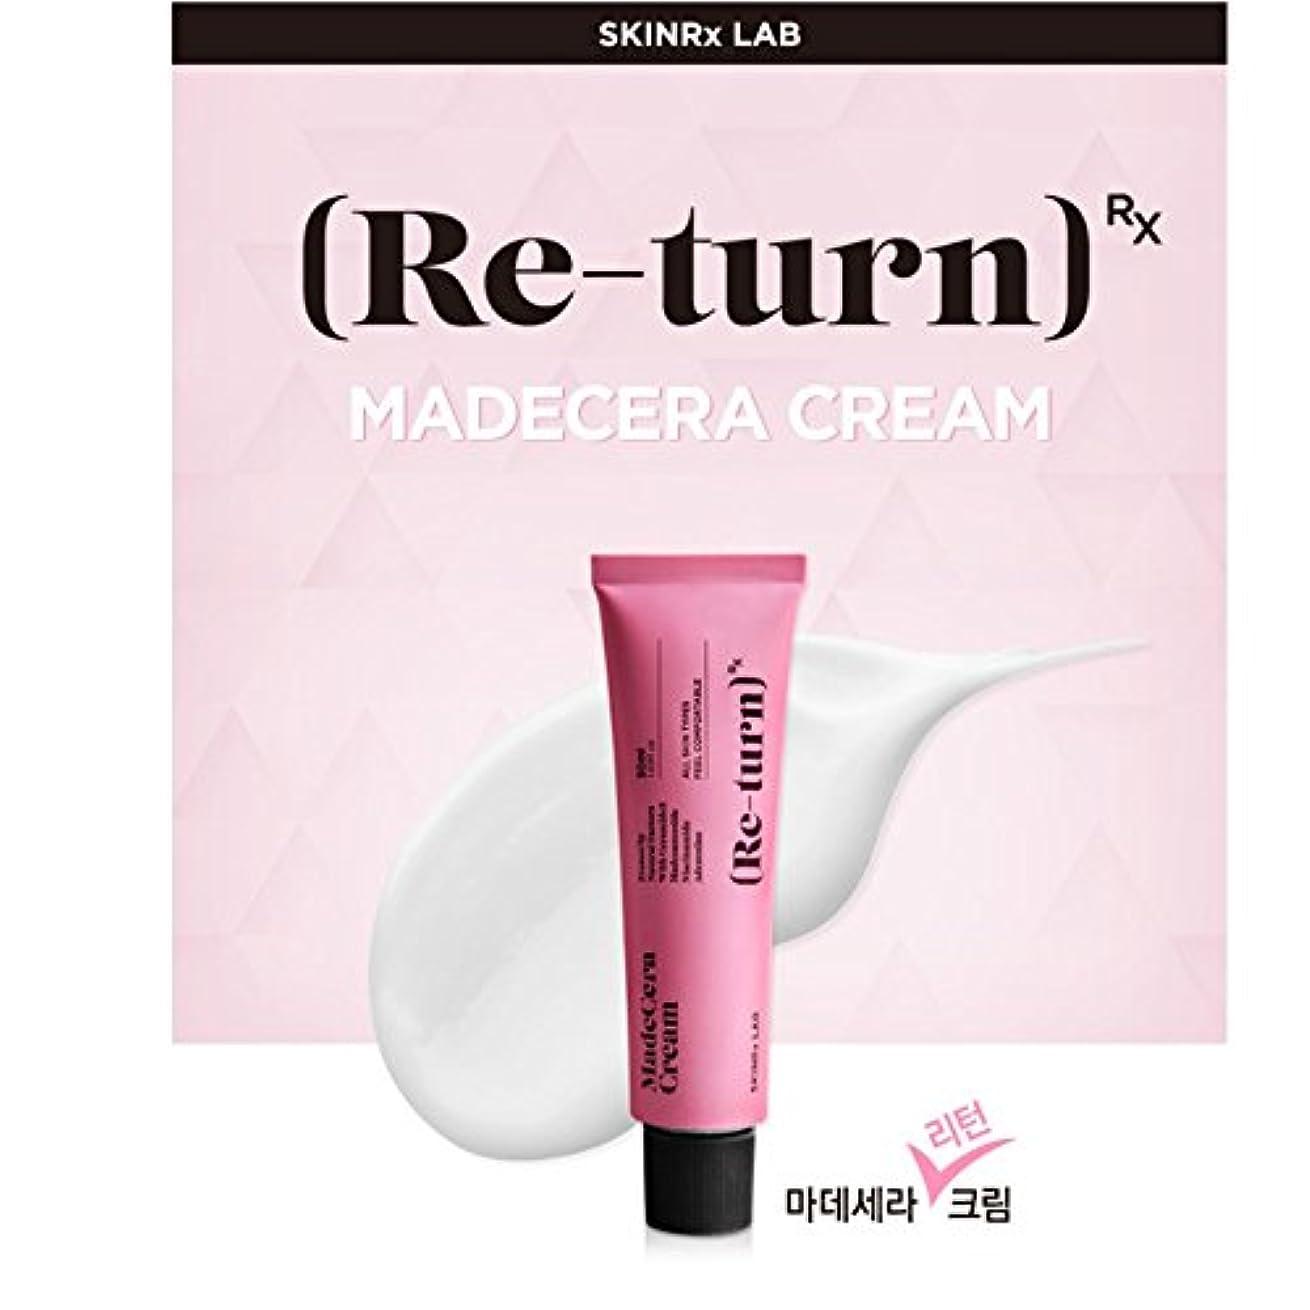 中性印刷する用心するスキンアルエクスラップ マデセラ リターン クリーム 50ml / SKINRxLAB MadeCera Re-turn Cream 50ml (1.69oz)